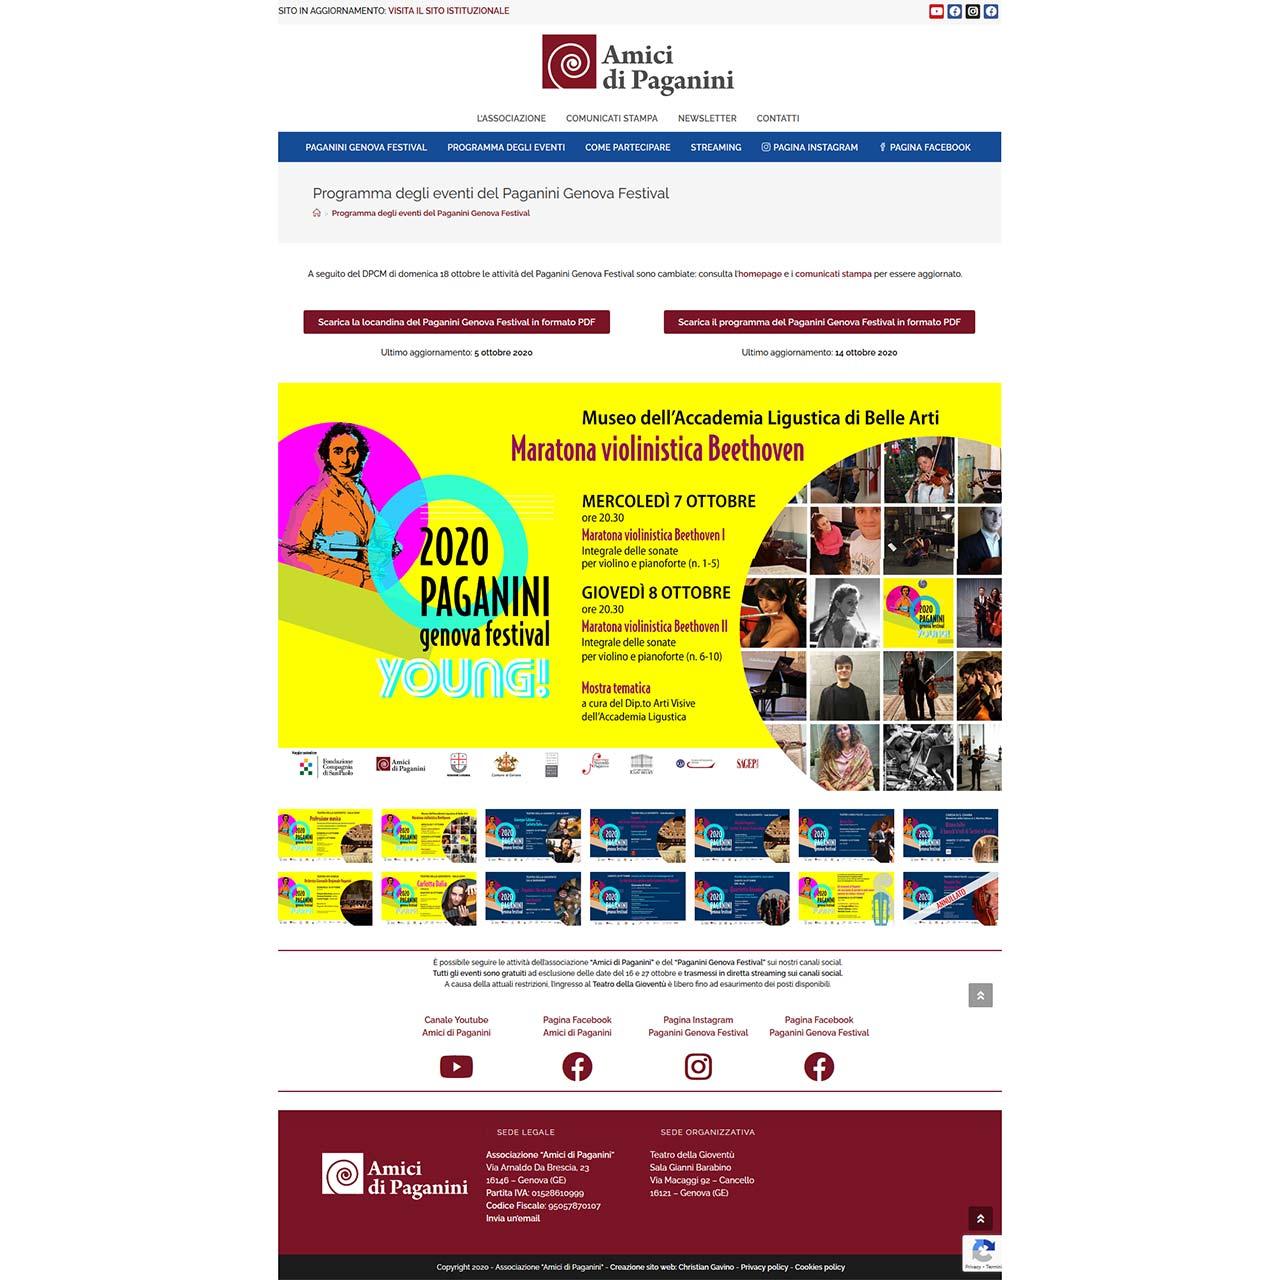 """Schermata del sito dell'associazione """"Amici di Paganini"""" (restyling 2020)"""